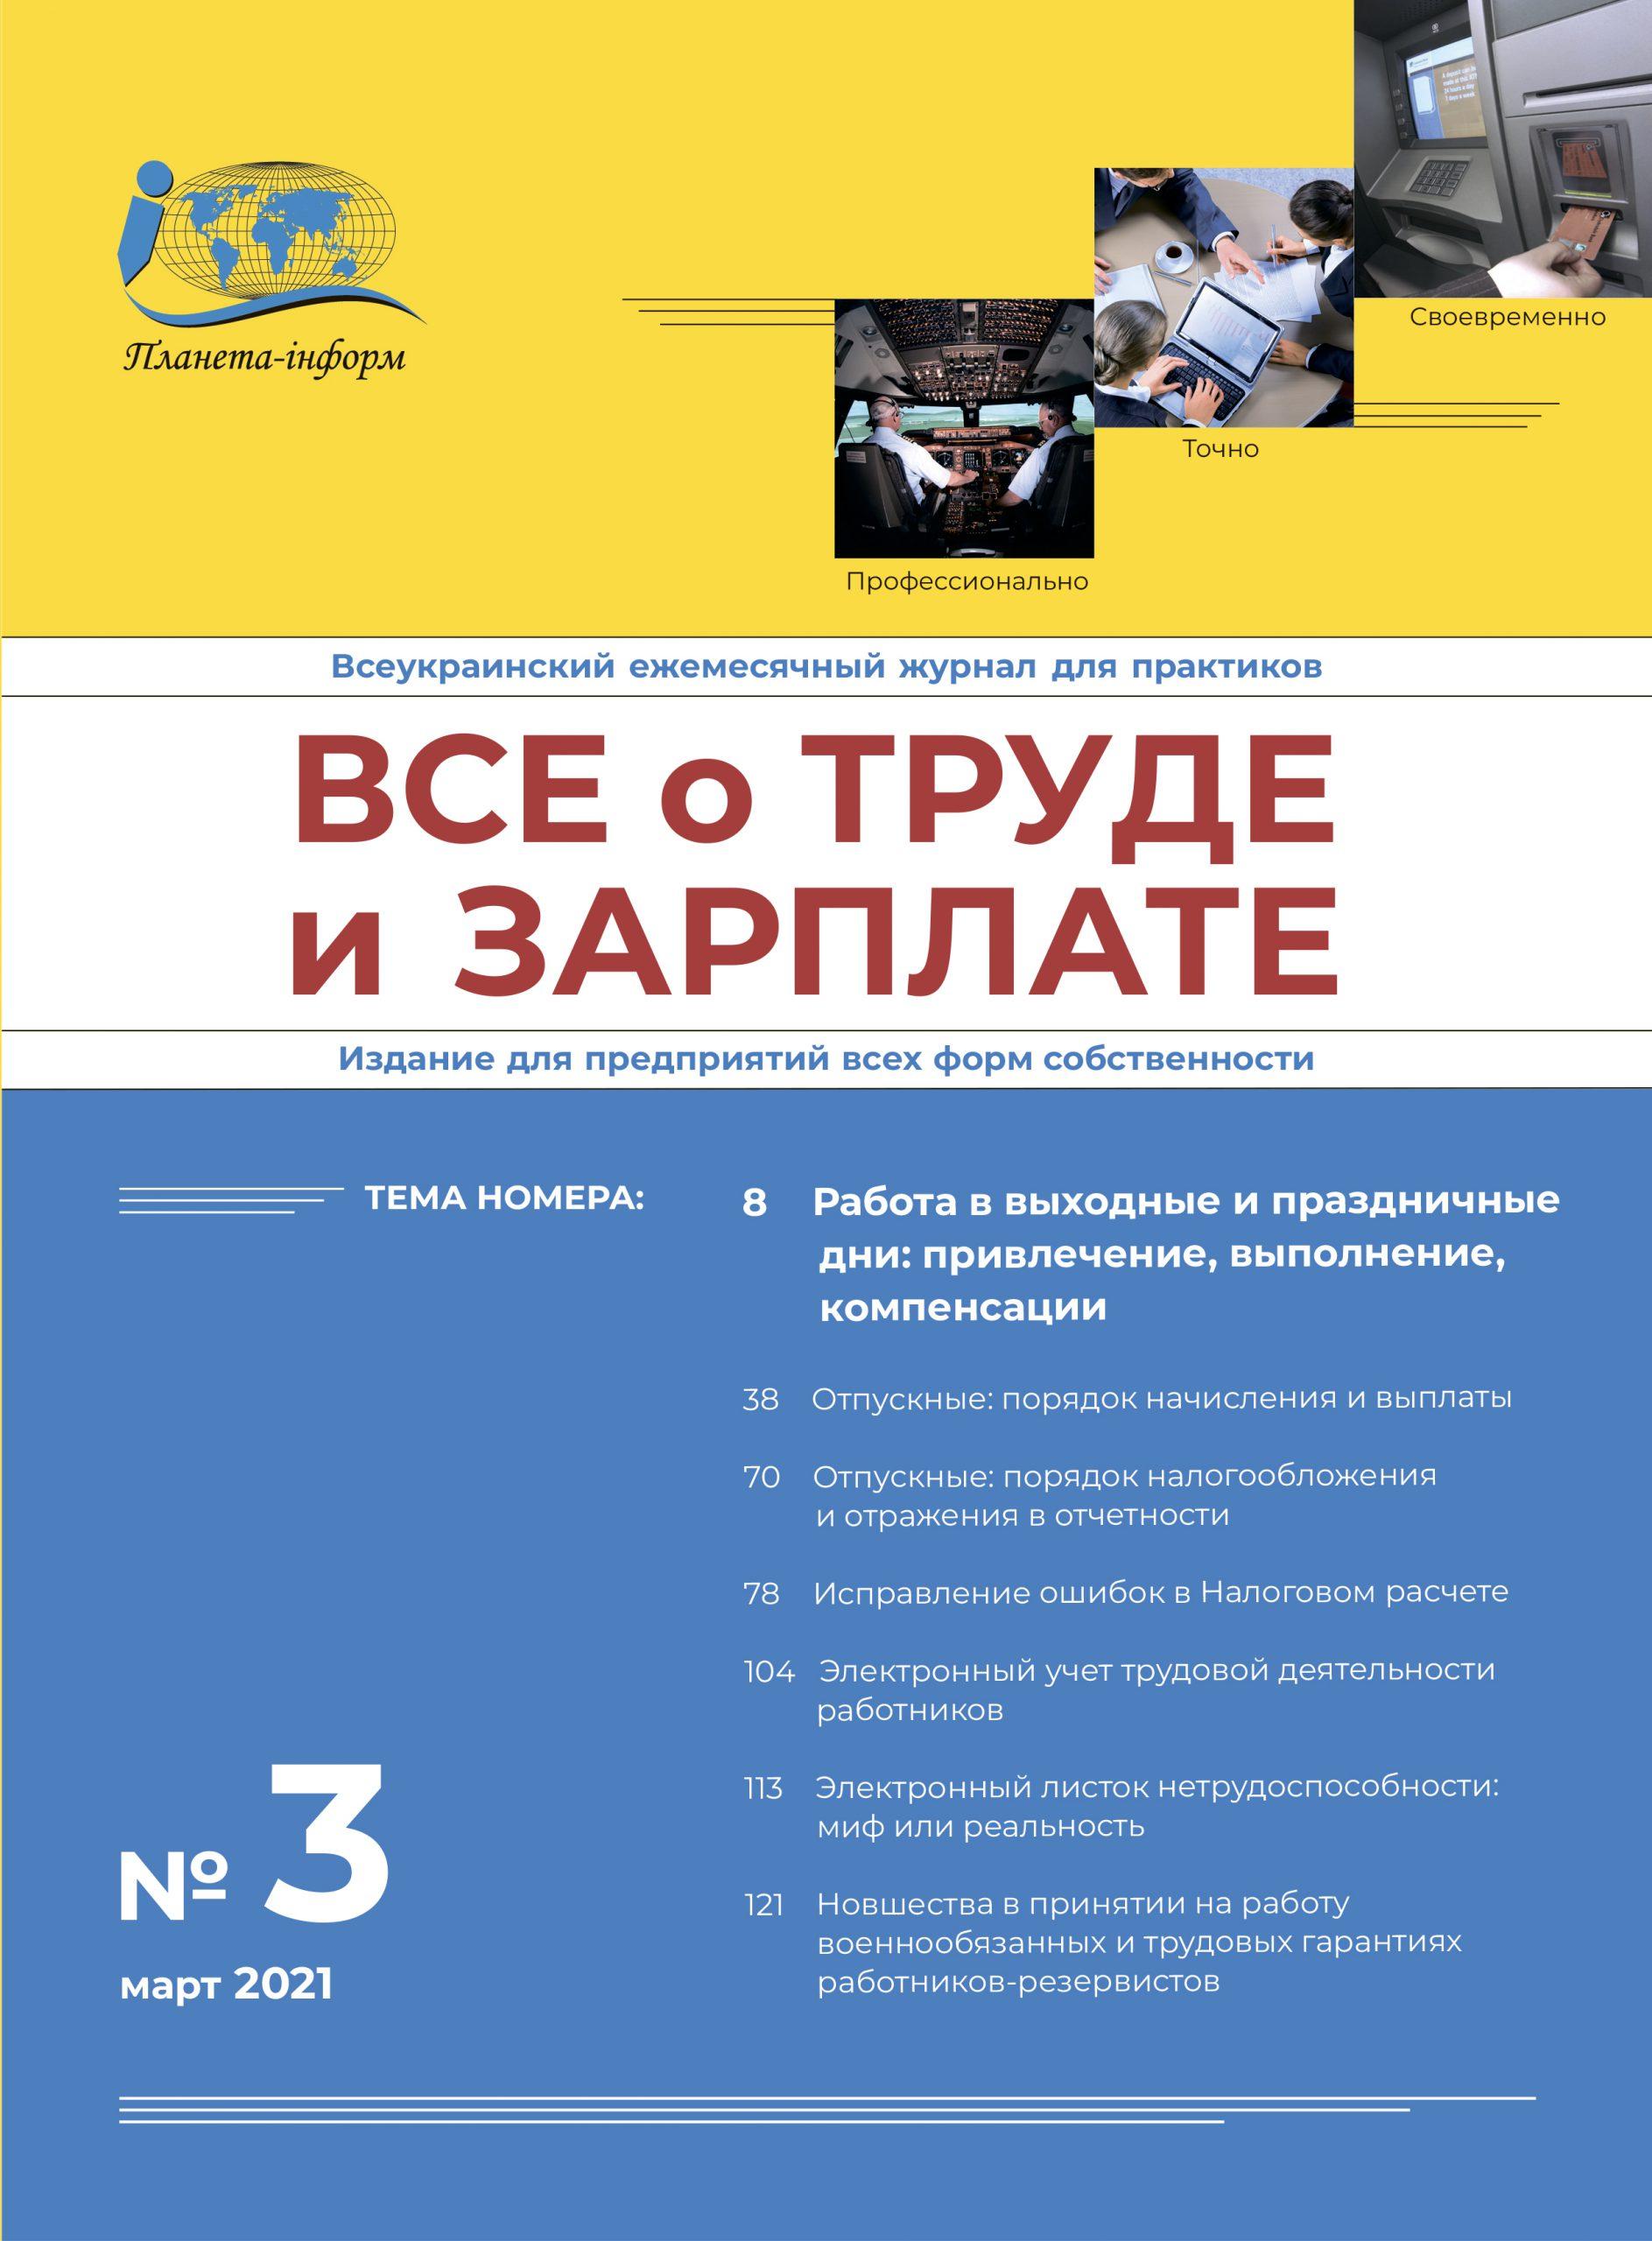 Журнал «Все о труде и зарплате» № 3/2021